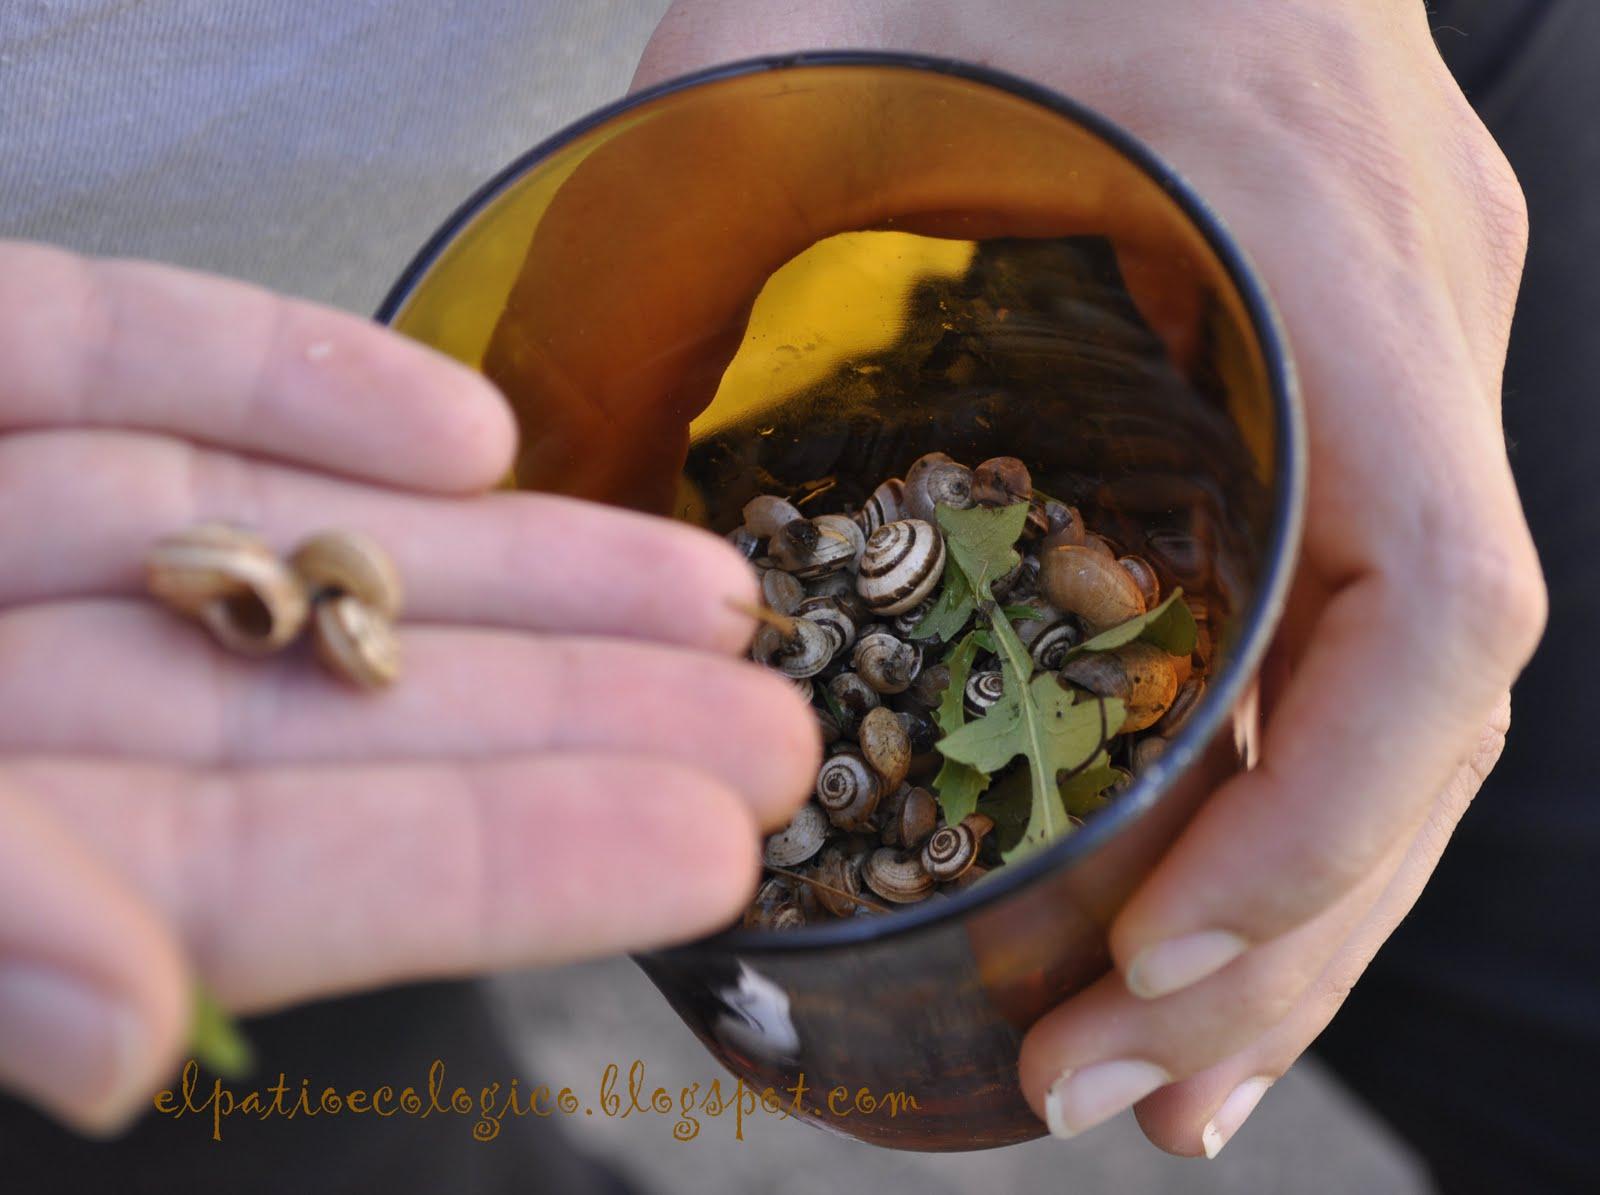 El patio ecol gico la invasi n de los caracoles for Caracoles de jardin que comen